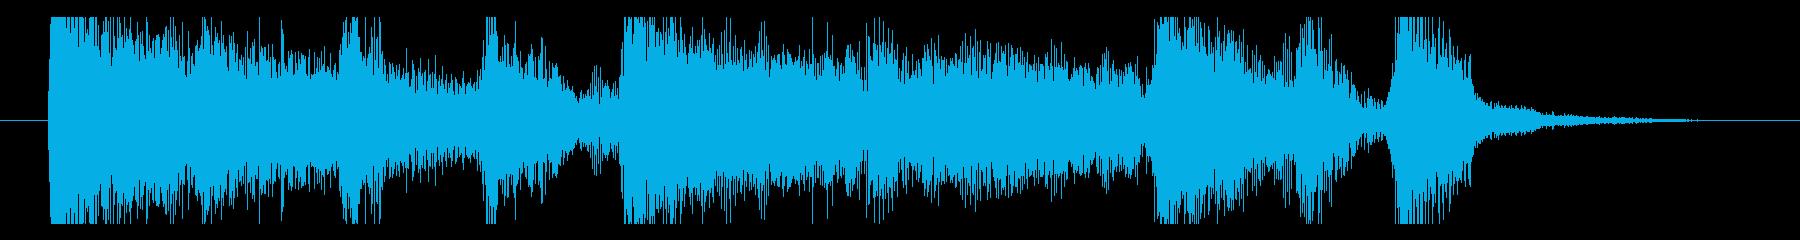 豪快なブラス!(5秒以内)の再生済みの波形